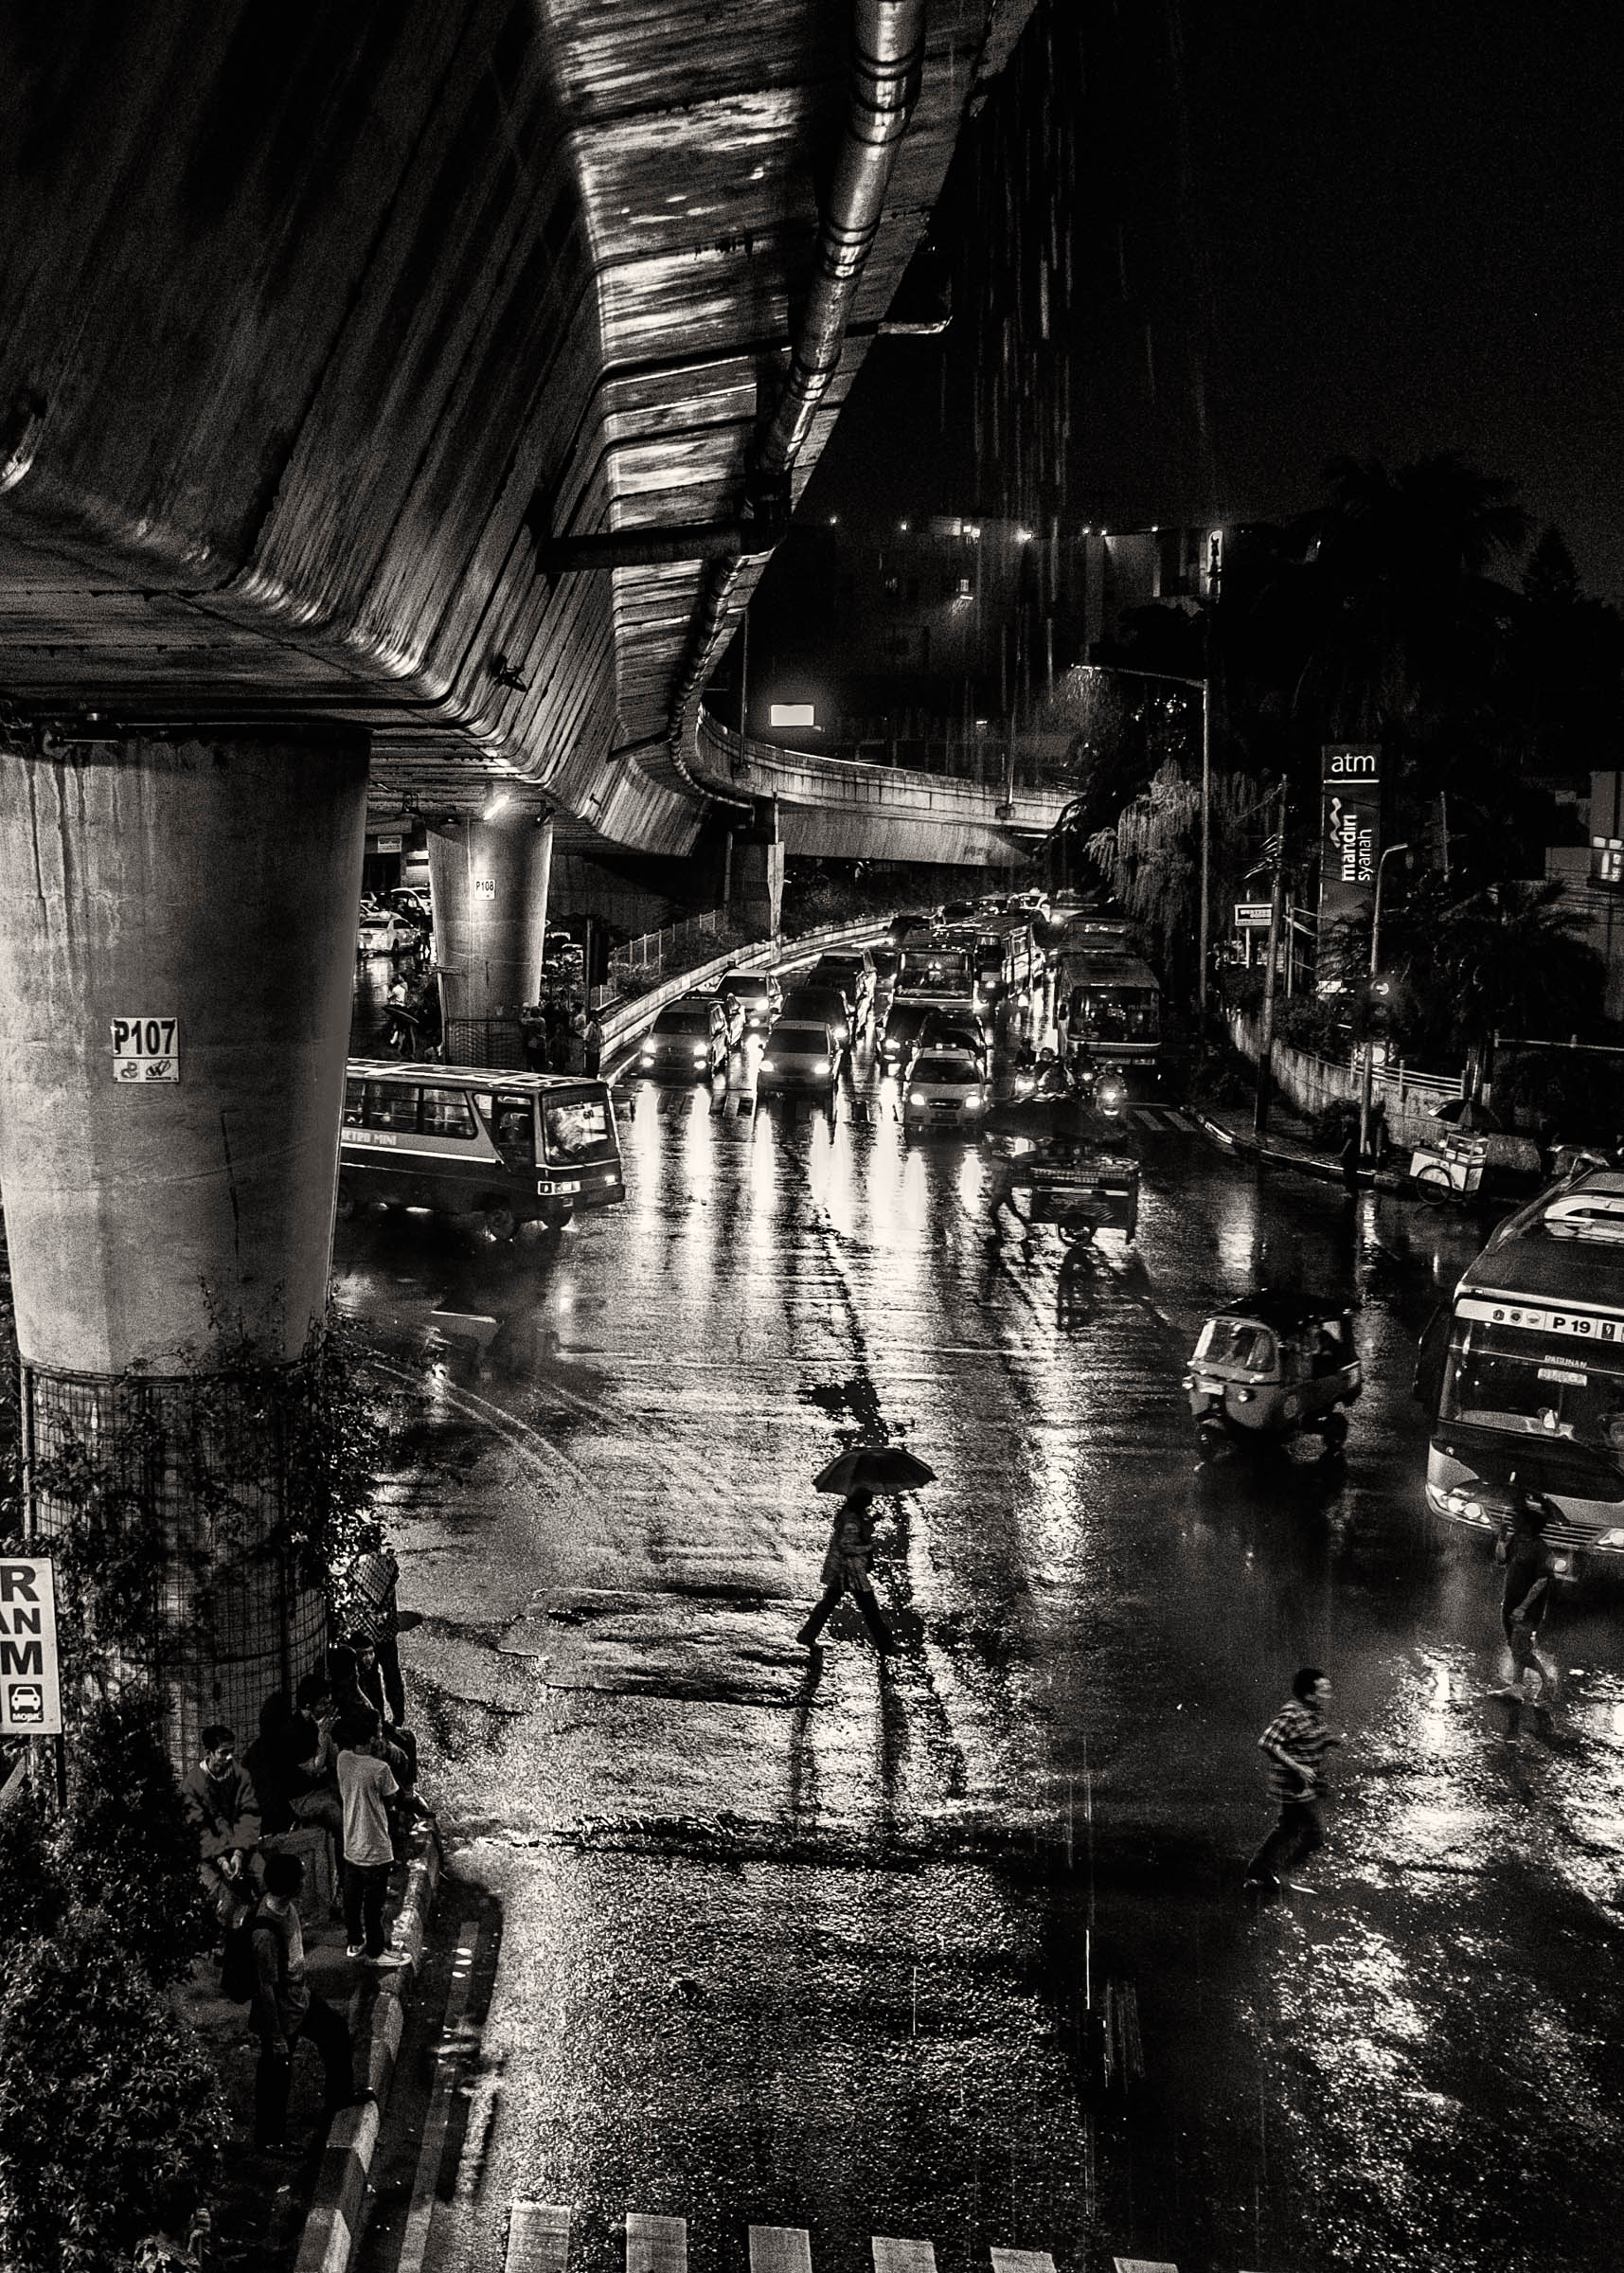 Jakarta rain walker (2015)